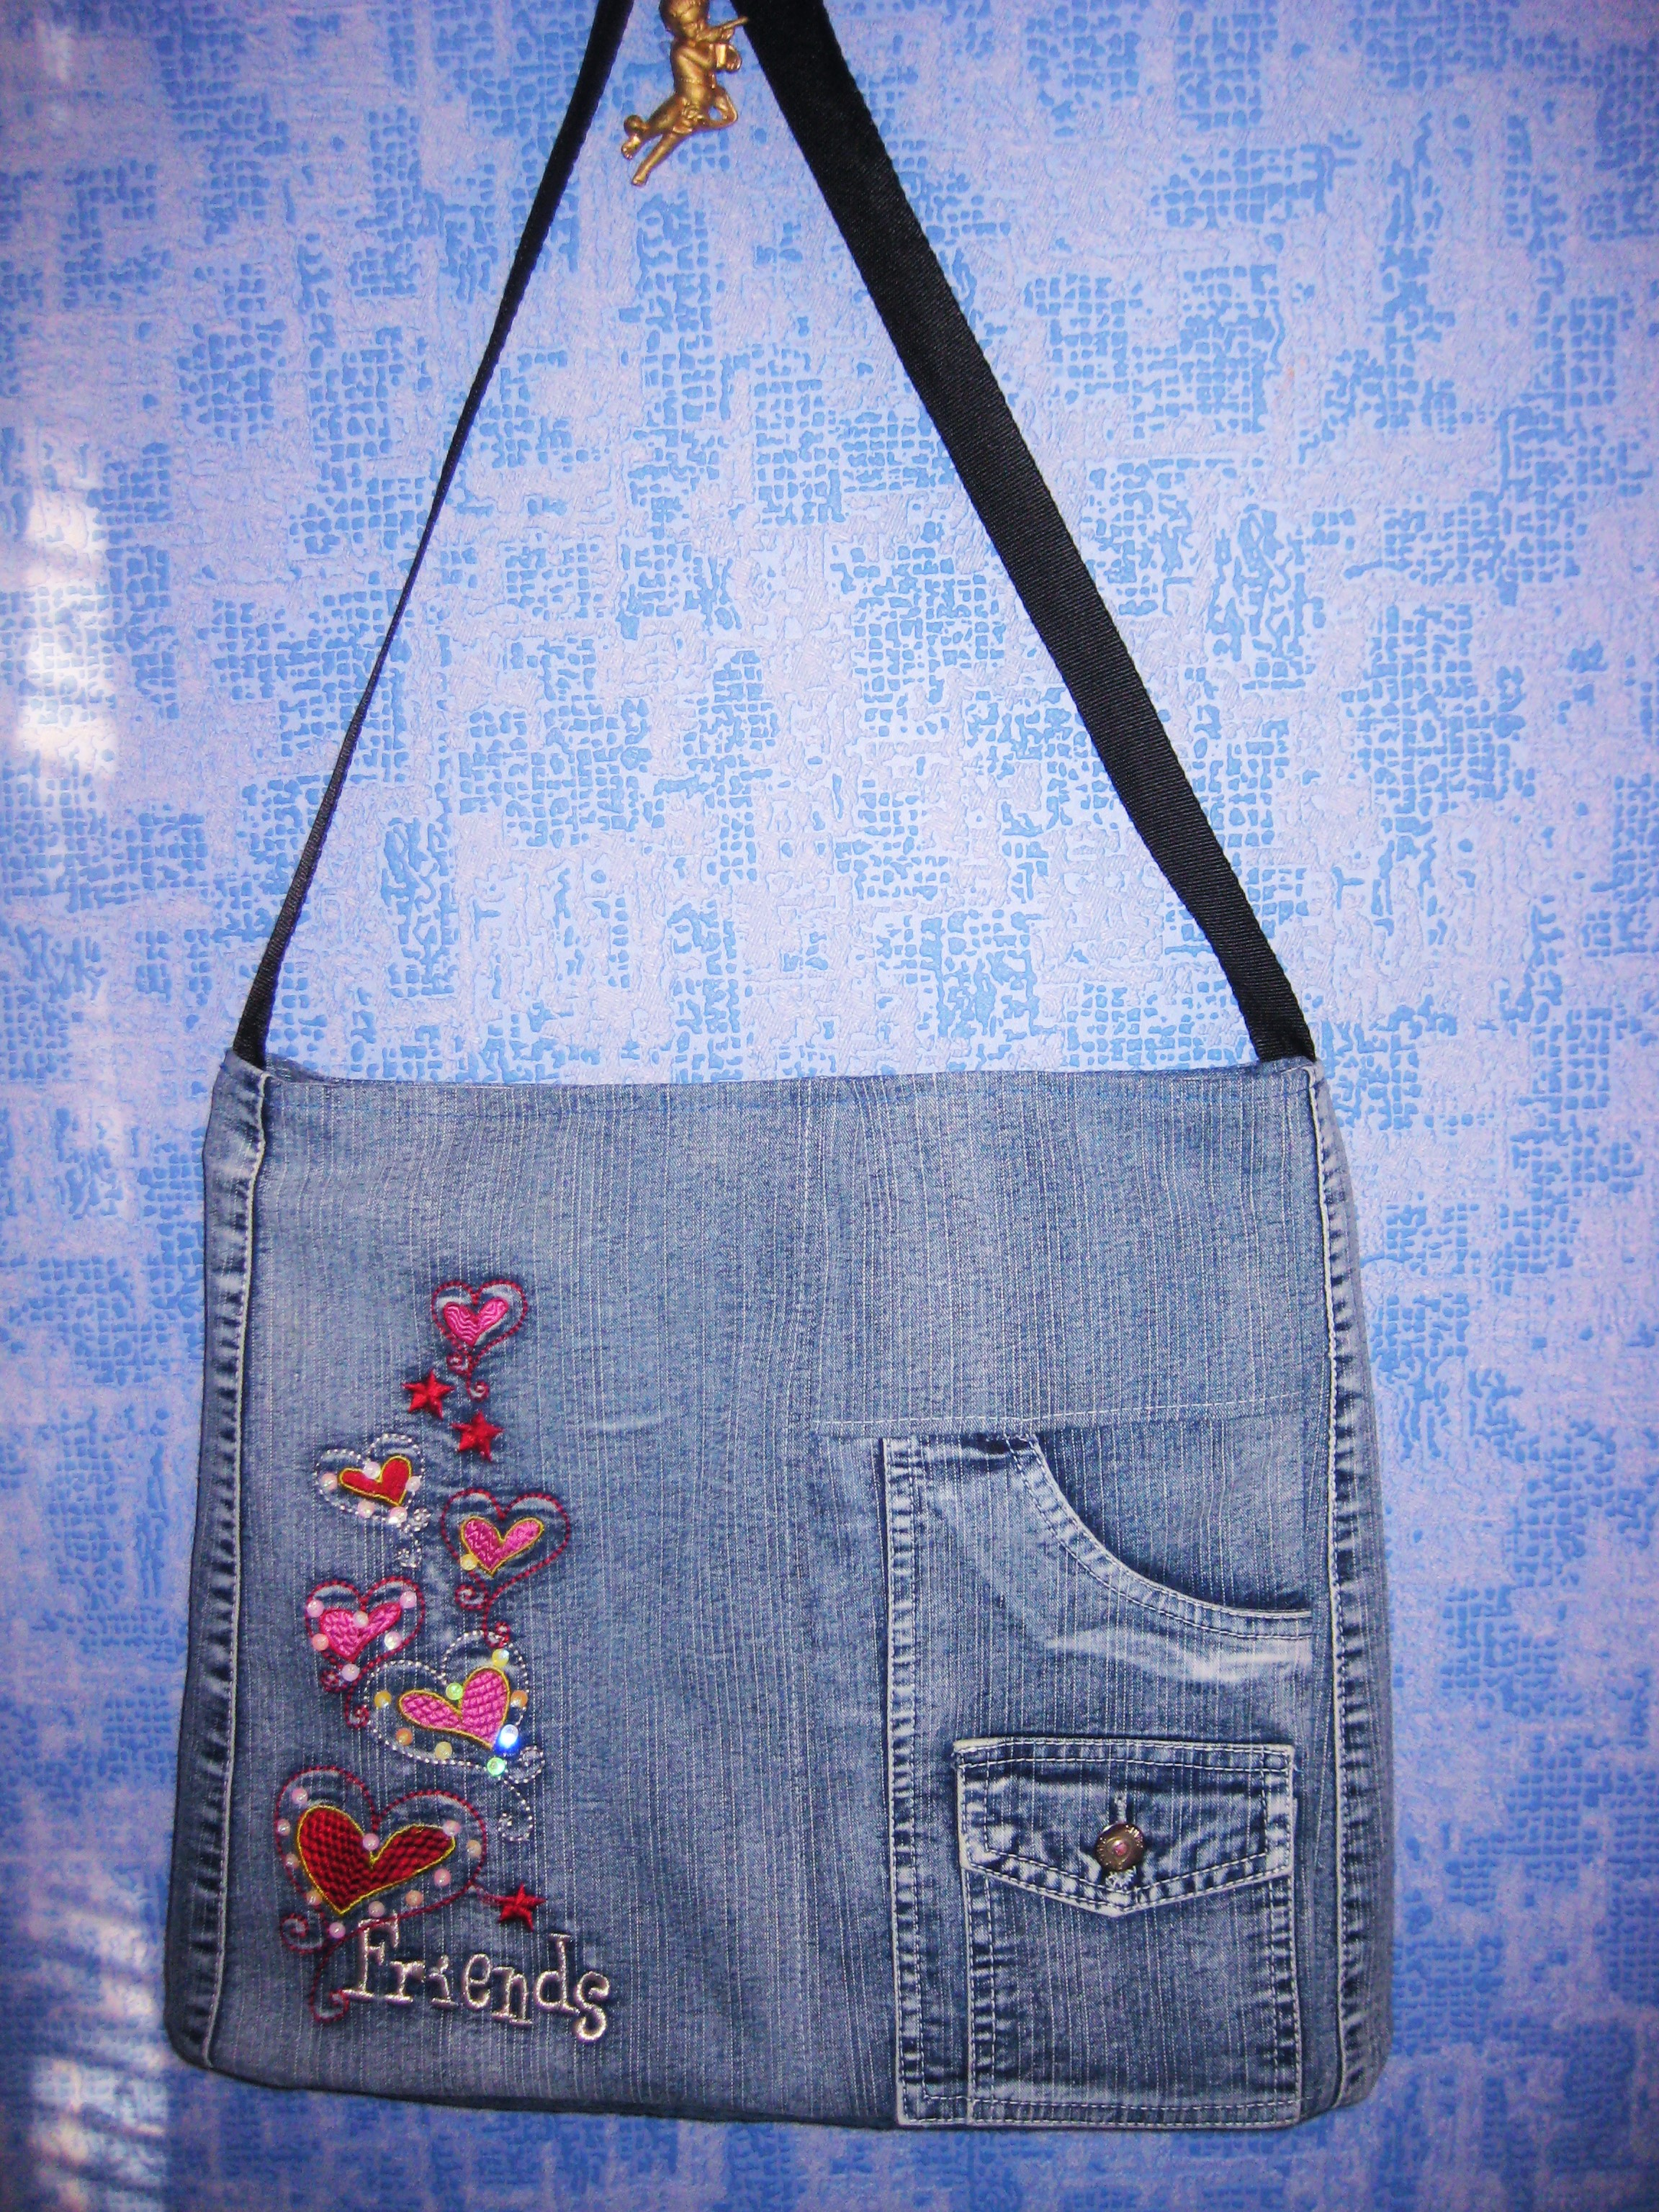 Украшения для джинсовой сумки своими руками фото 27